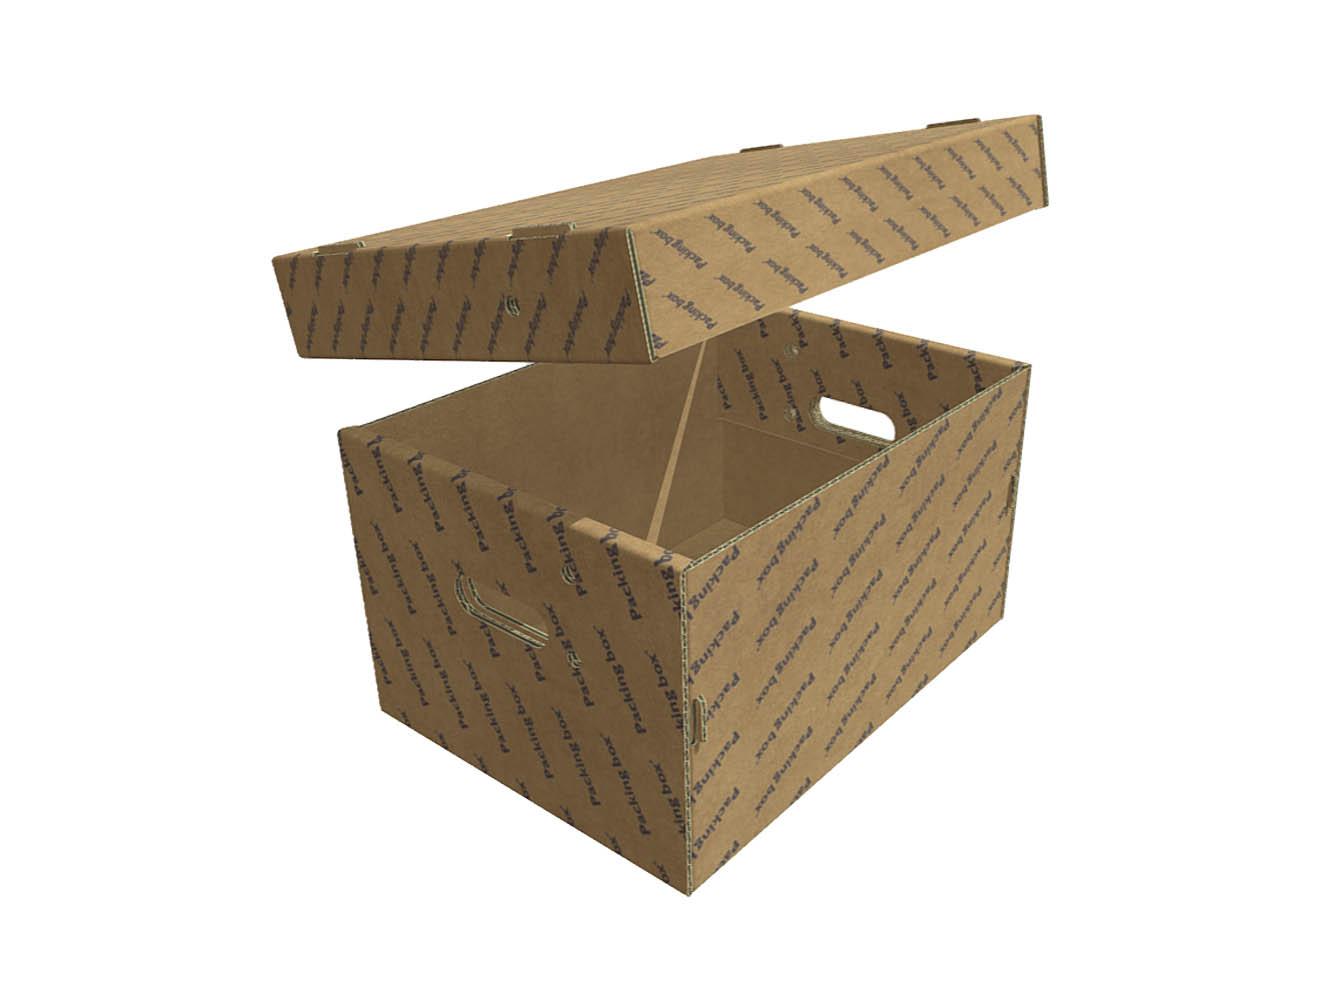 CAJA FEFCO F PARA ARCHIVOS APLICACIONES VARIAS AUTOARMABLE BOX 2BOXIS 2 TAPA CARNES, CERDO, CORDERO 443X322X65